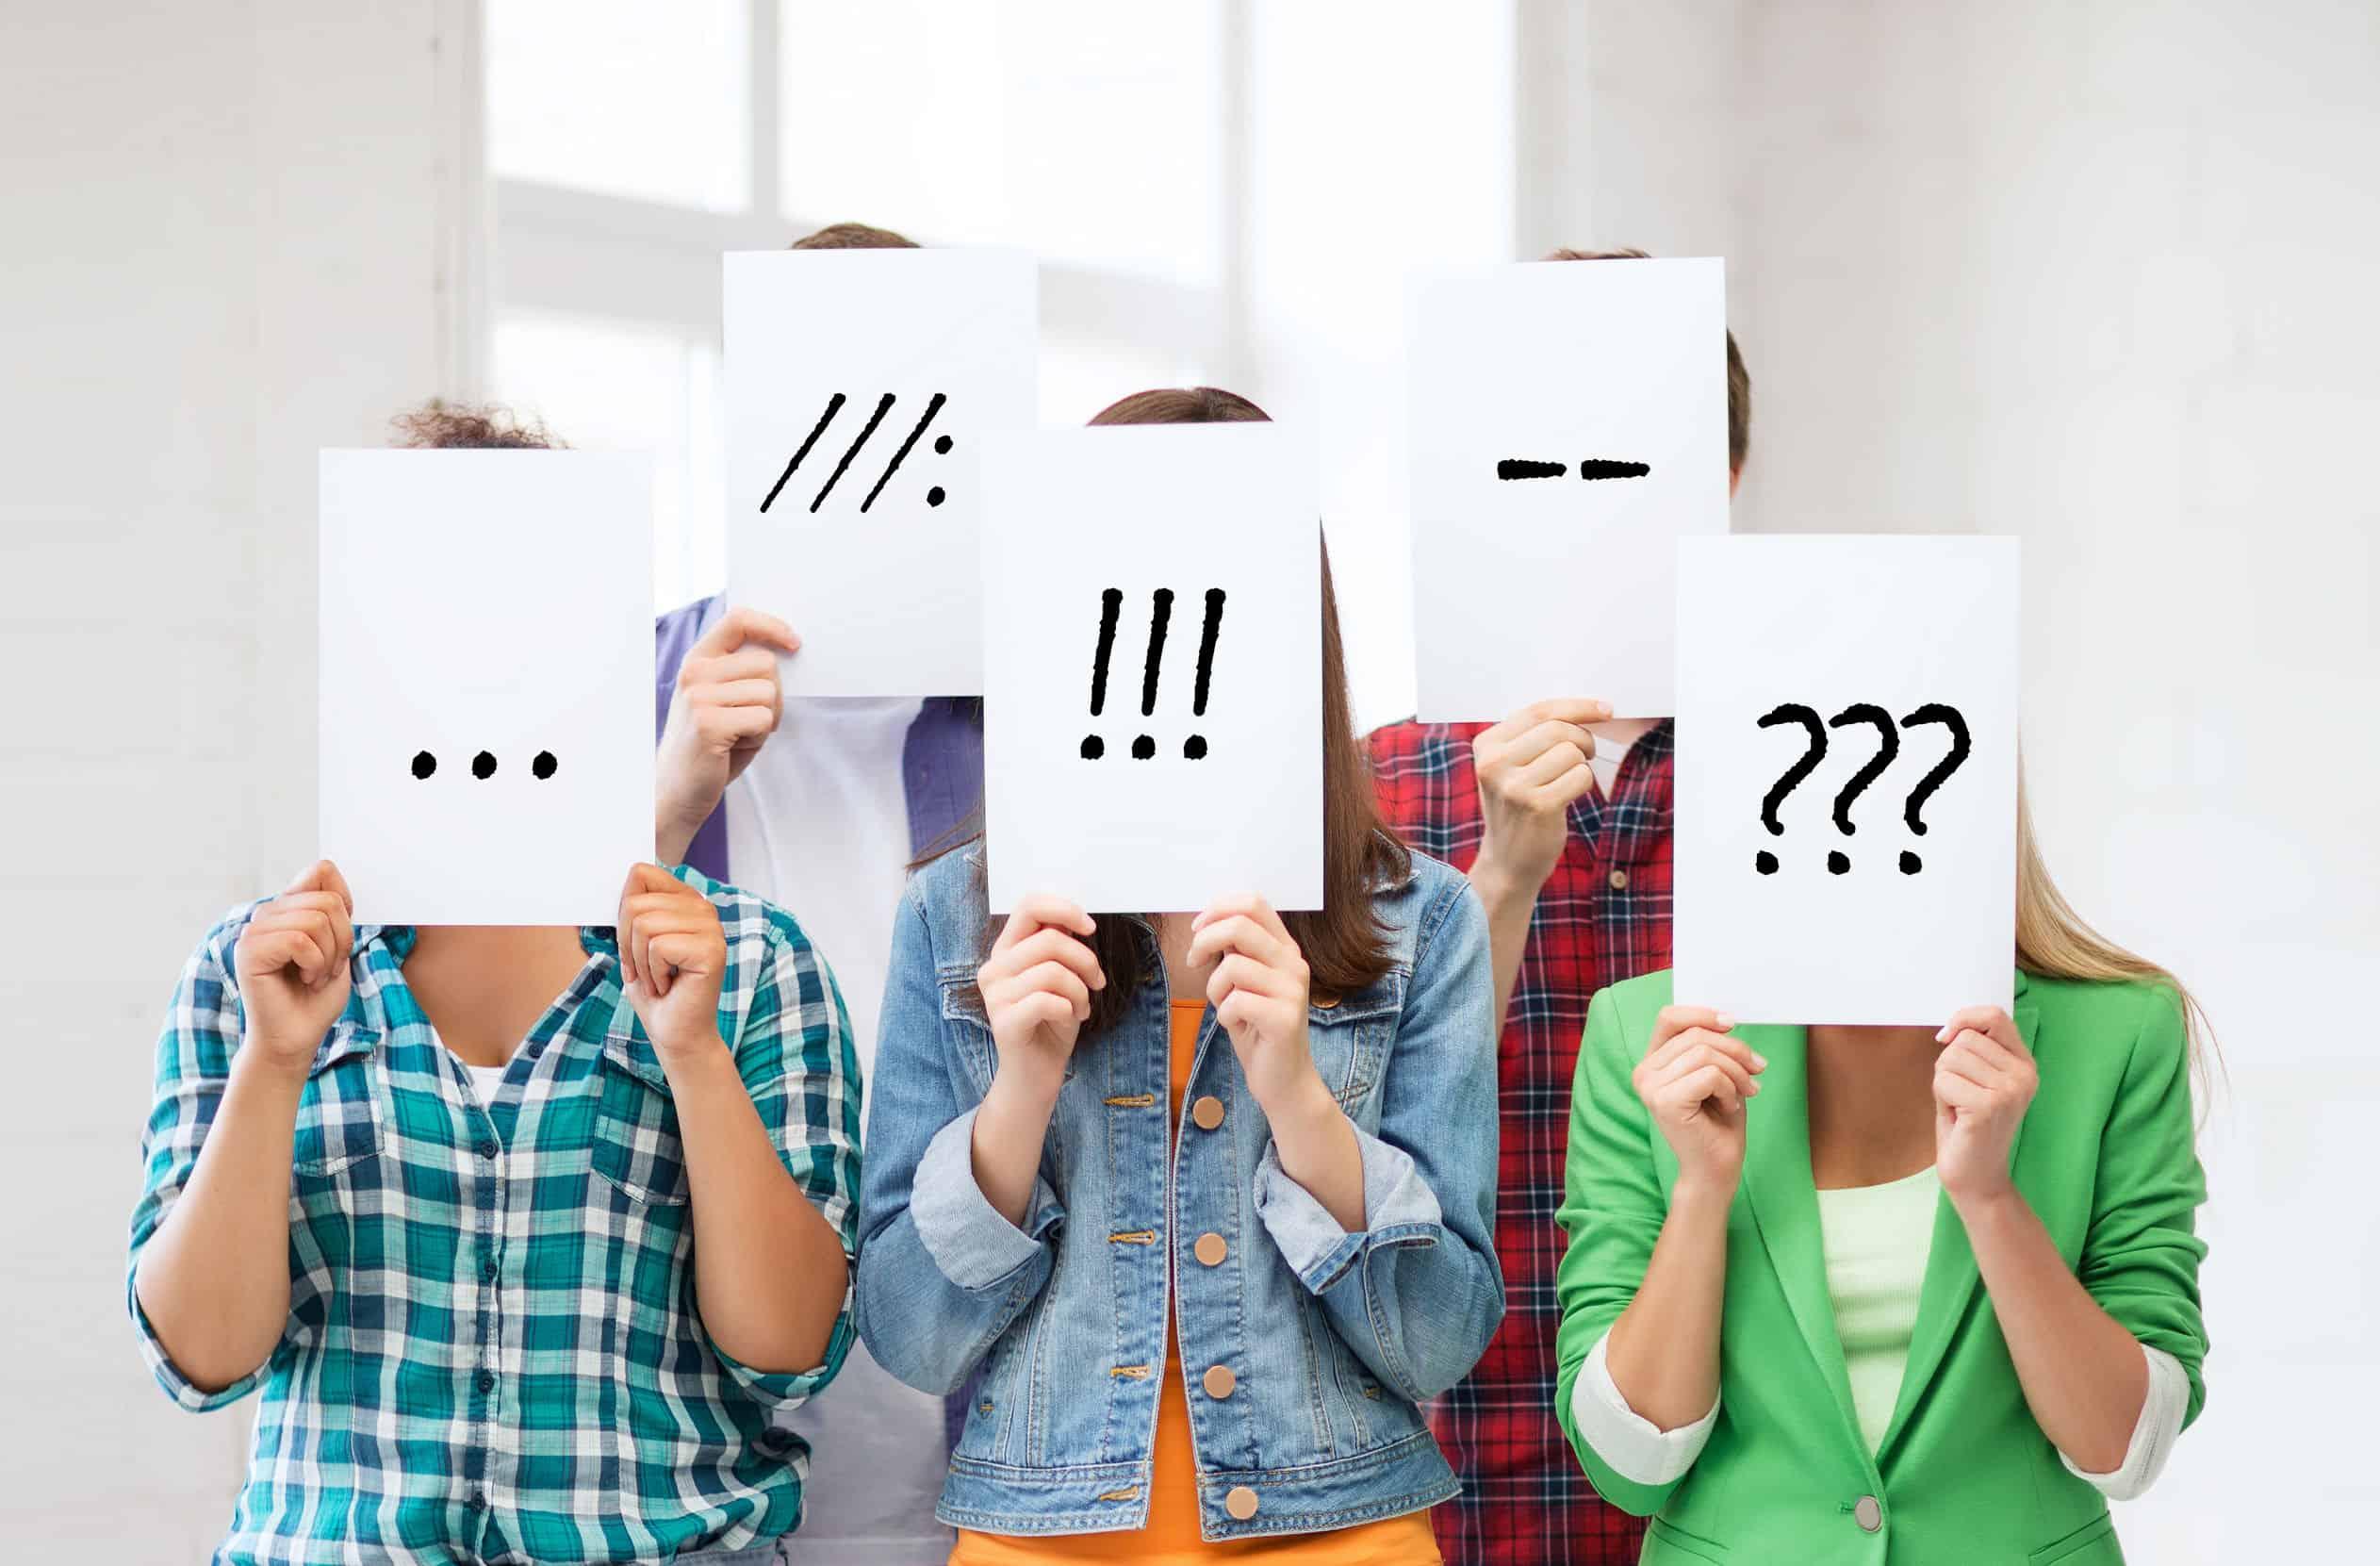 Imagem de pessoas com rostos cobertos com perguntas.